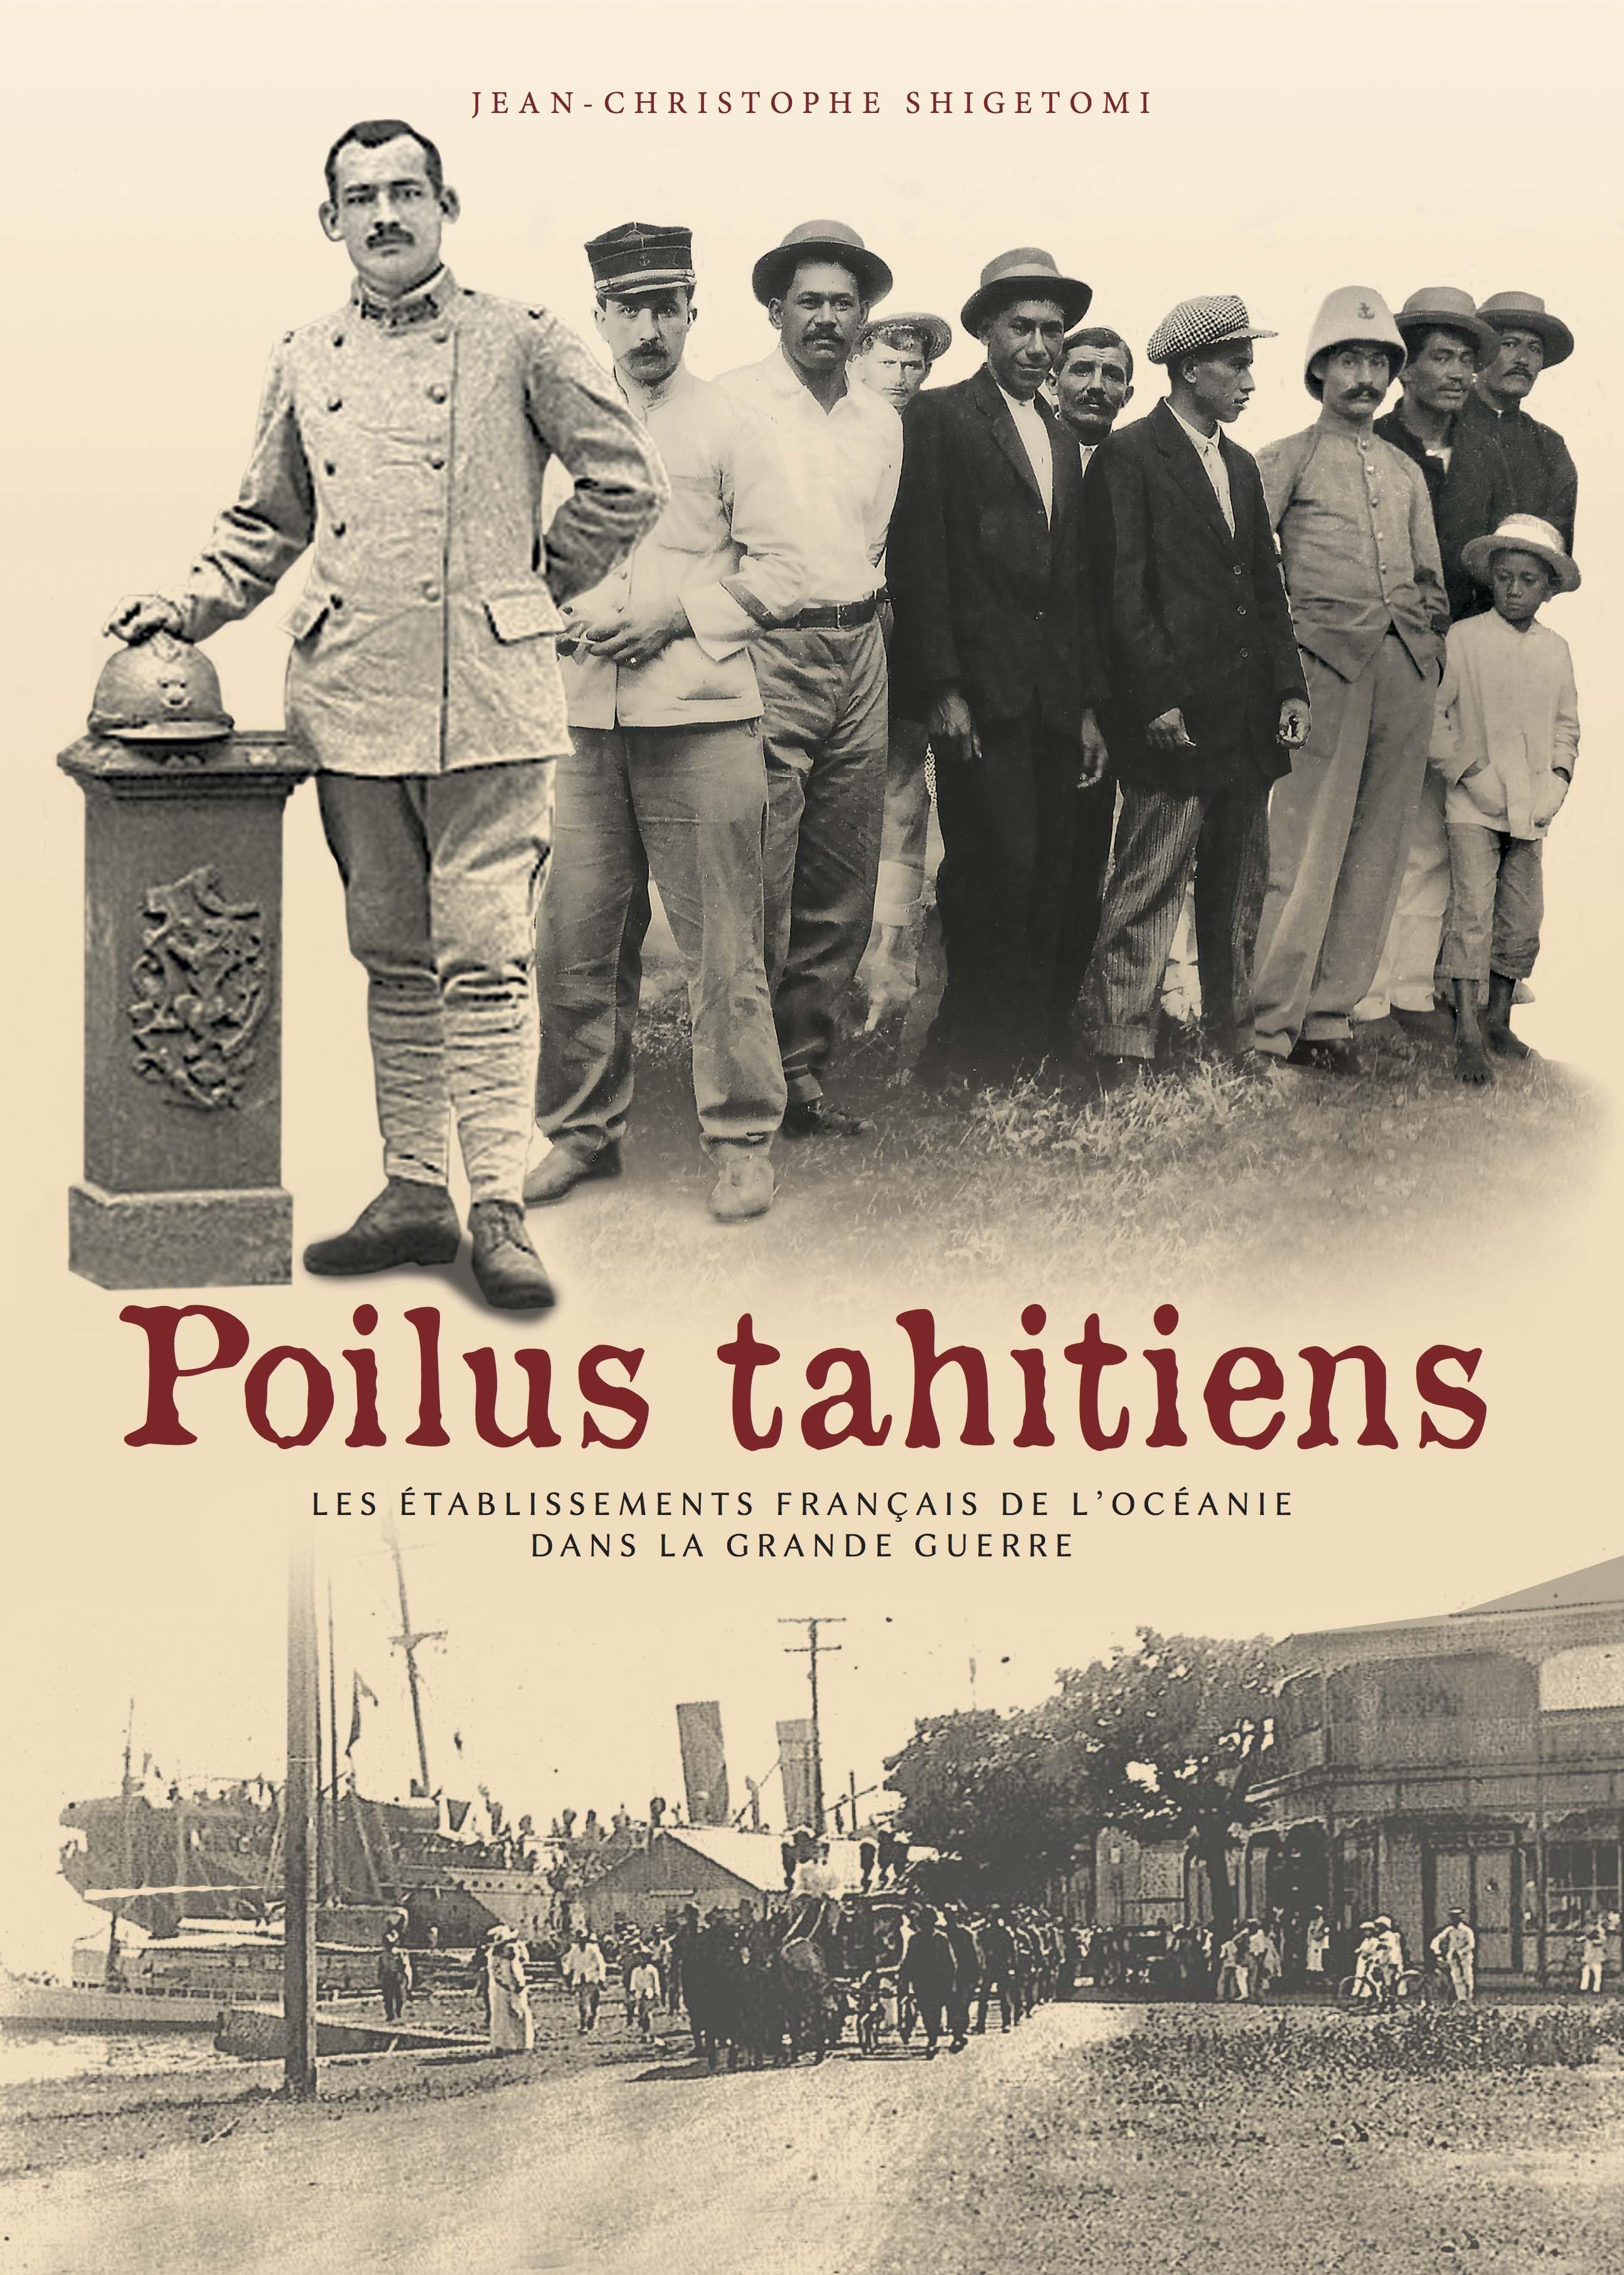 Shigetomi publie un livre hommage aux Poilus tahitiens